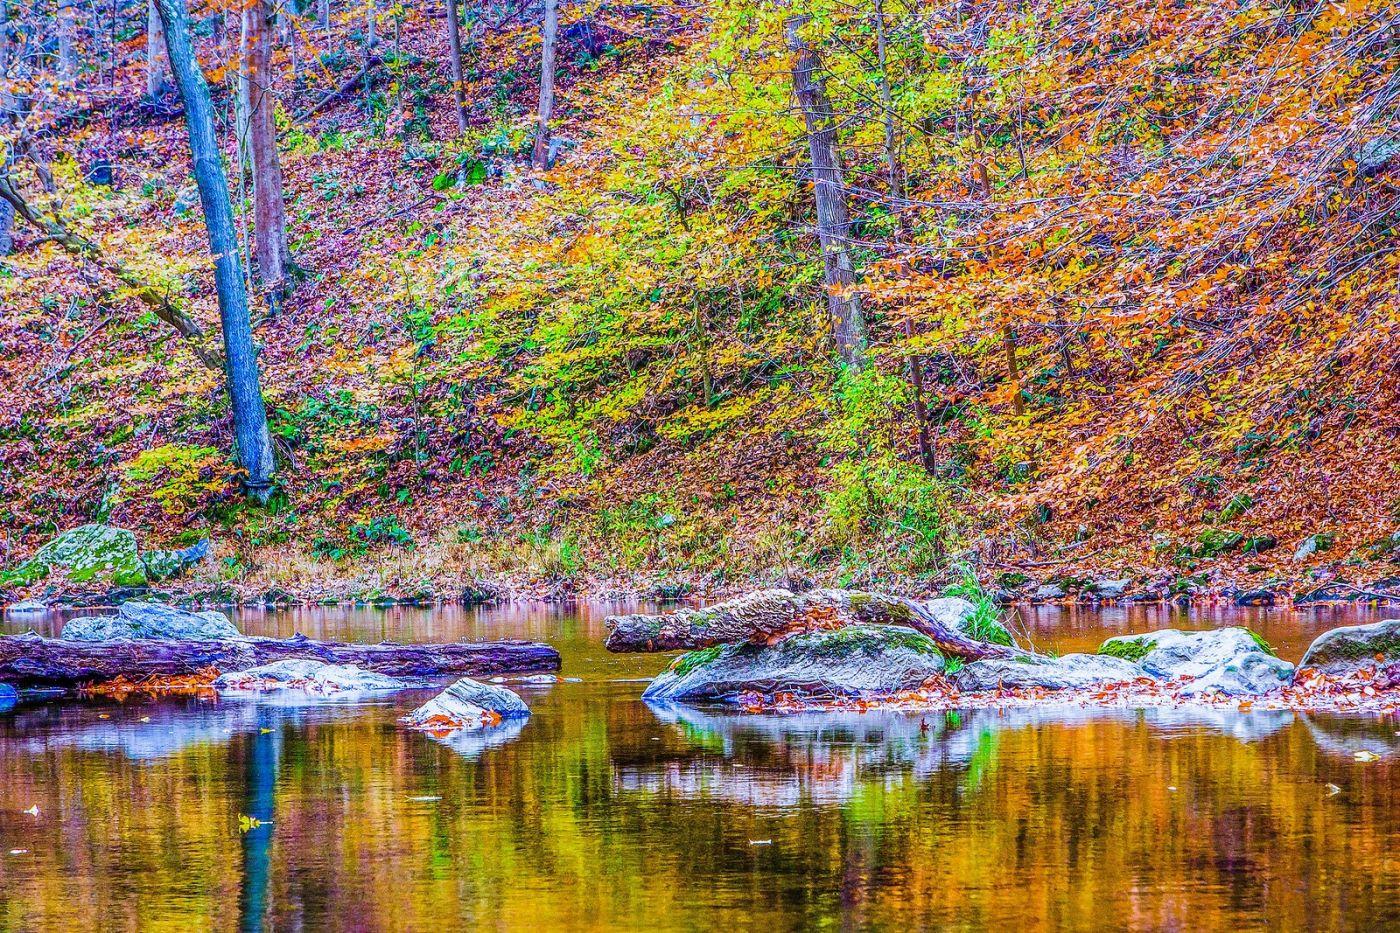 宾州雷德利克里克公园(Ridley creek park),如梦的画面_图1-19